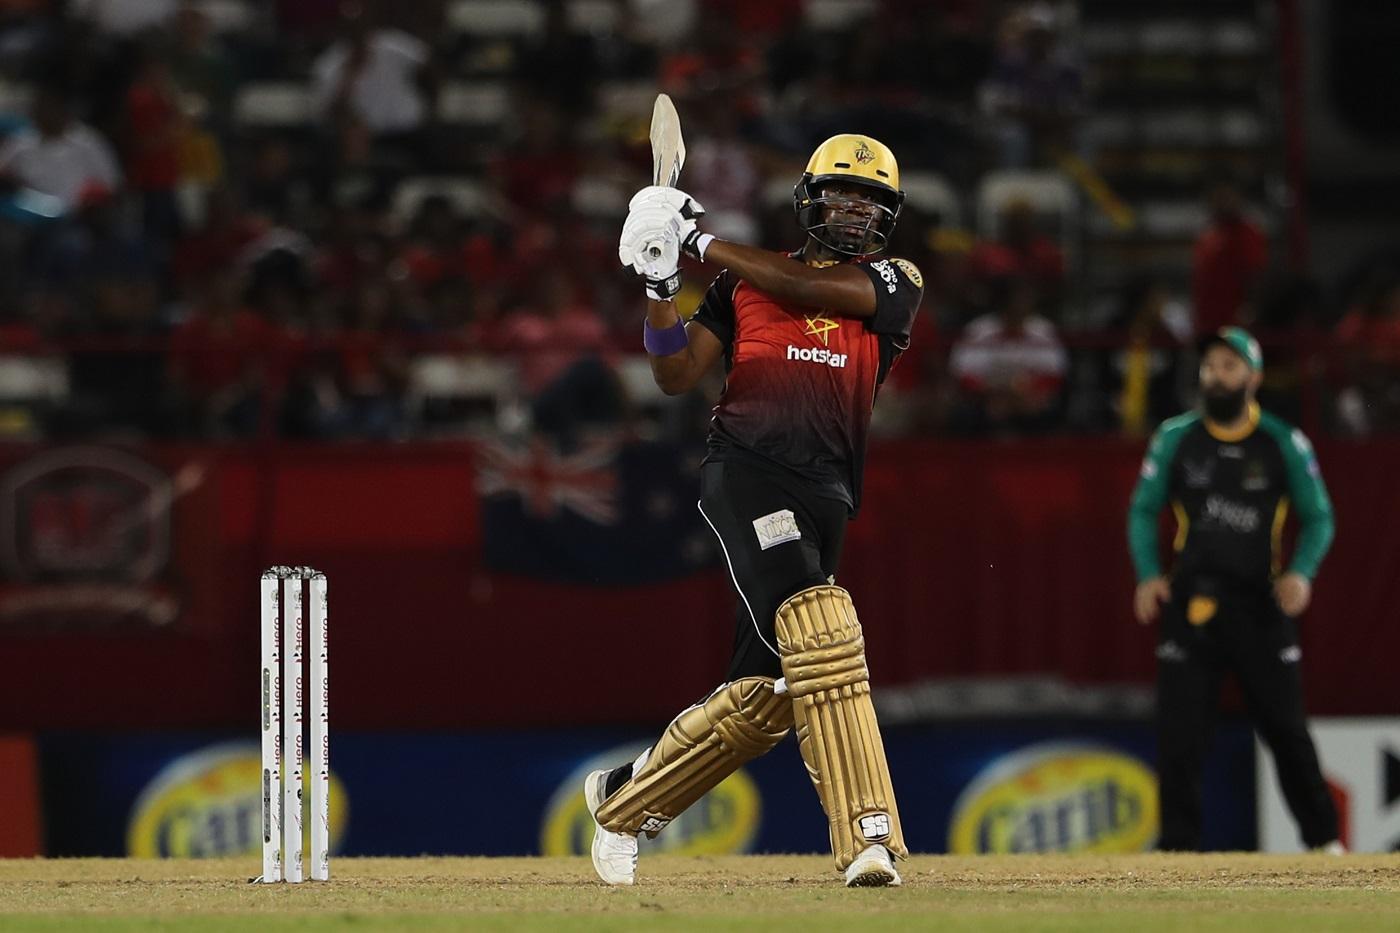 आईपीएल 2020: 4 विदेशी खिलाड़ी जिन्हें कोलकाता नाईट राइडर्स के लिए सिर्फ 1 मैच खेलने का मिला मौका 3